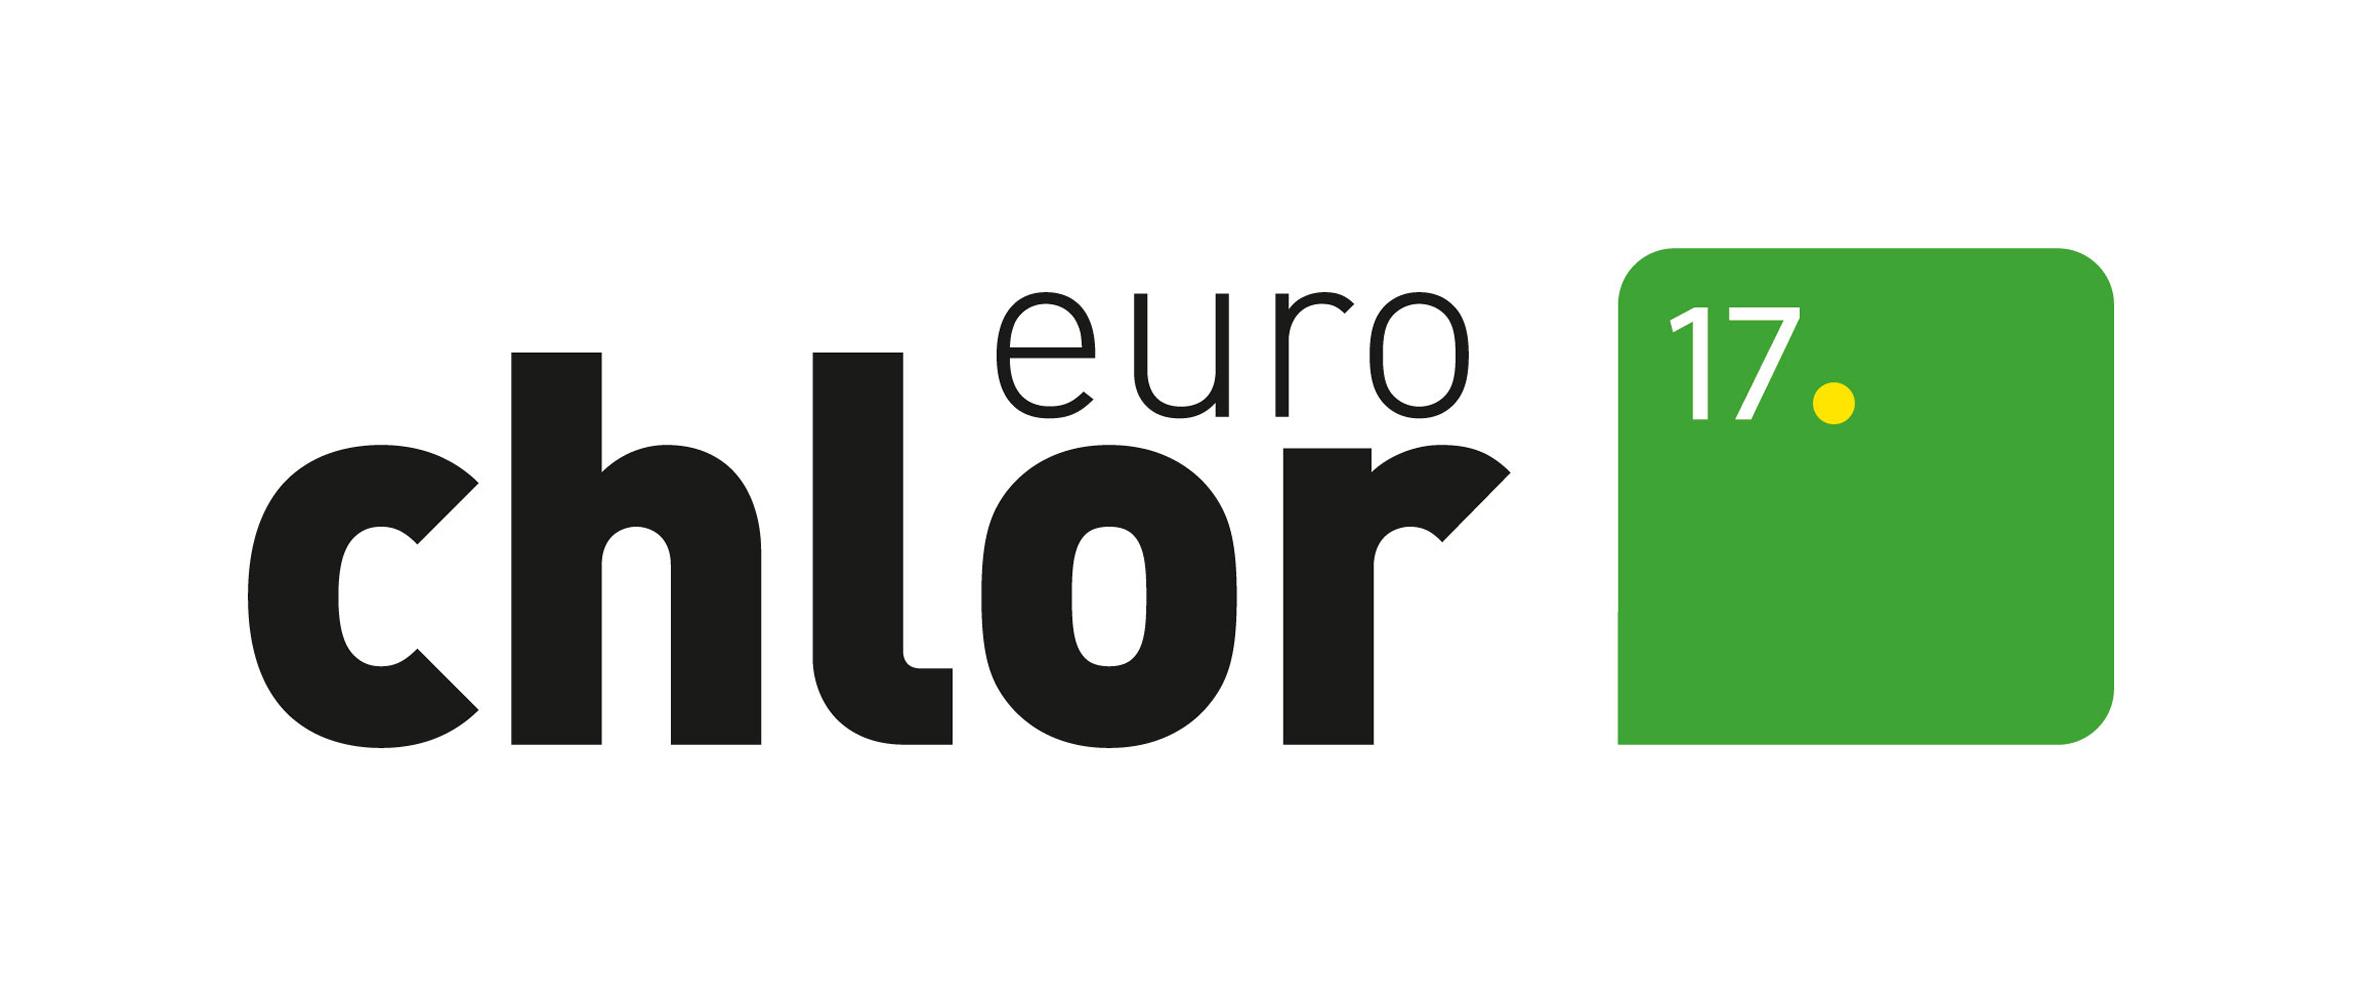 Eurochlor